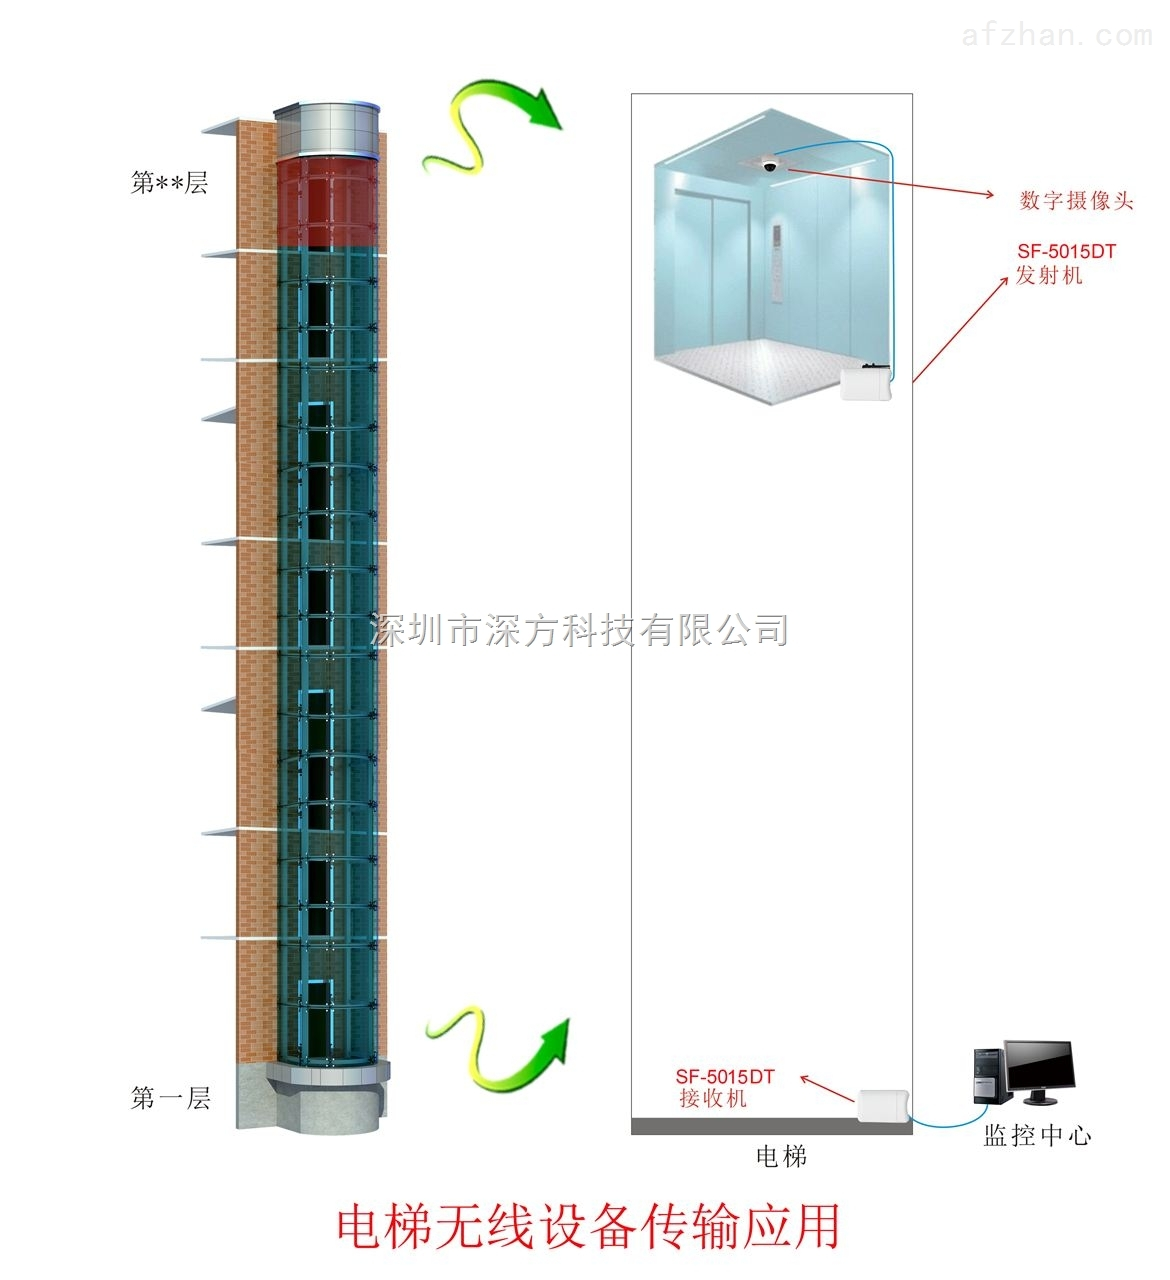 电梯无线监控 无线监控怎么安装